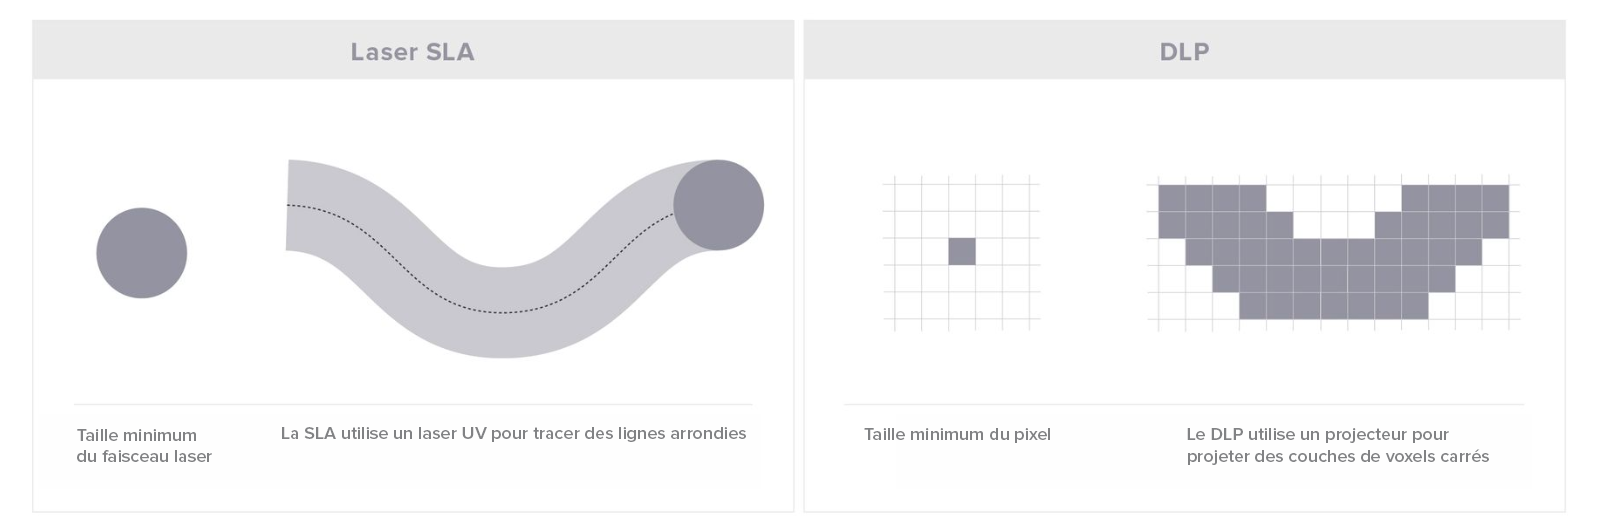 Graphique montrant la taille minimum et les formes arrondies d'un usage de  laser SLA, et la taille mininum des pixels et les formes rectangulaires des voxels projetés par DLP.